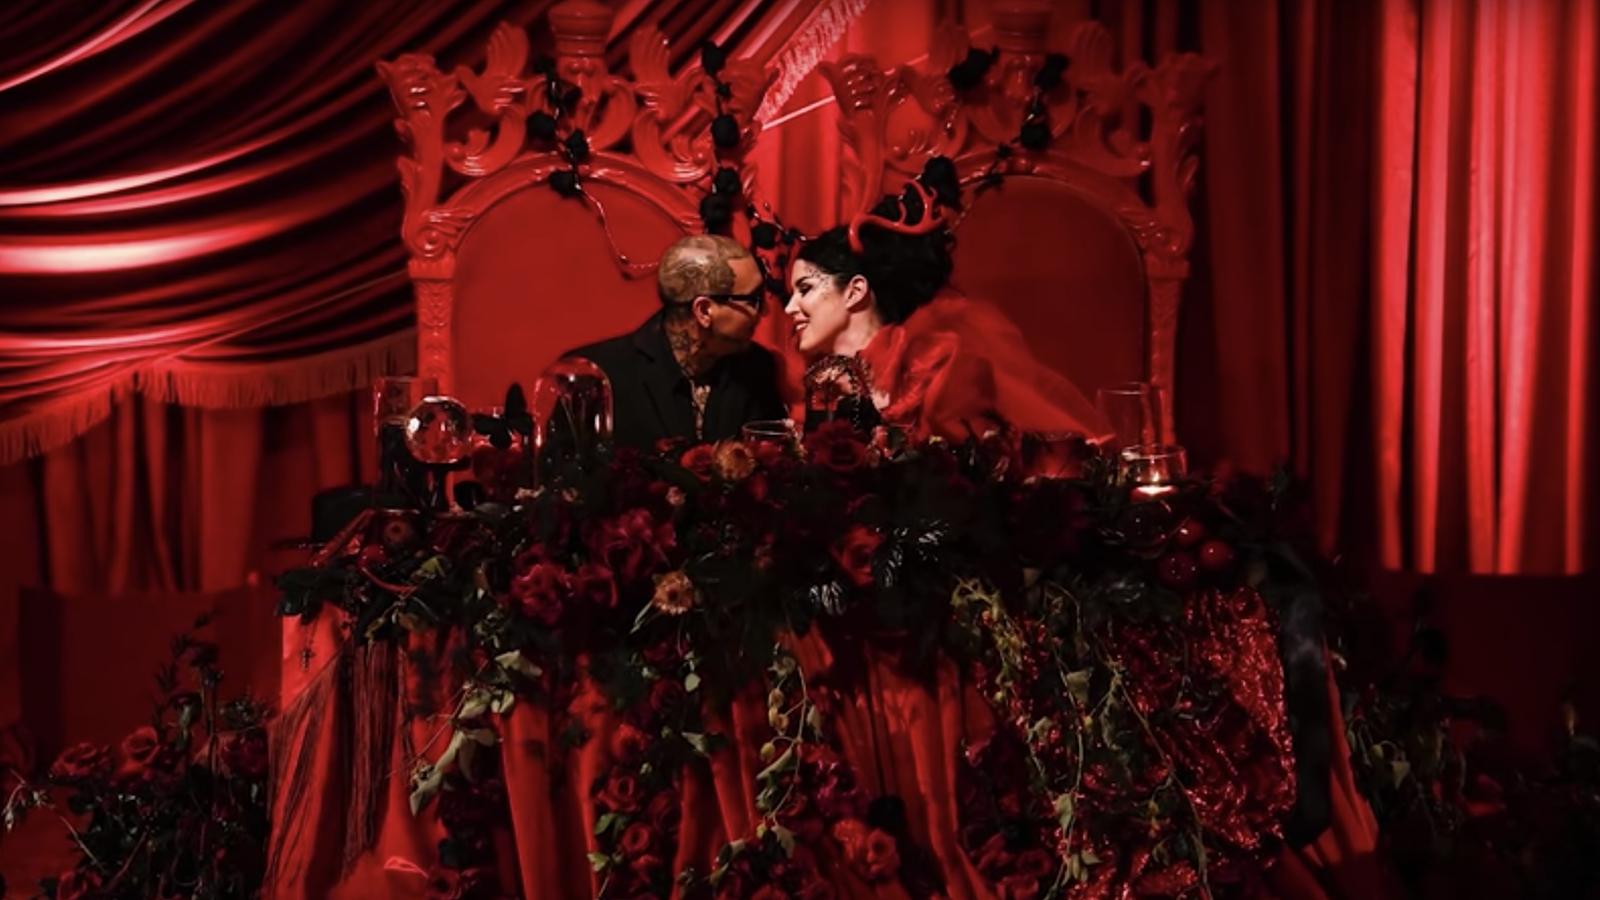 watch kat von d and prayers singer u0026 39 s extravagant goth wedding video